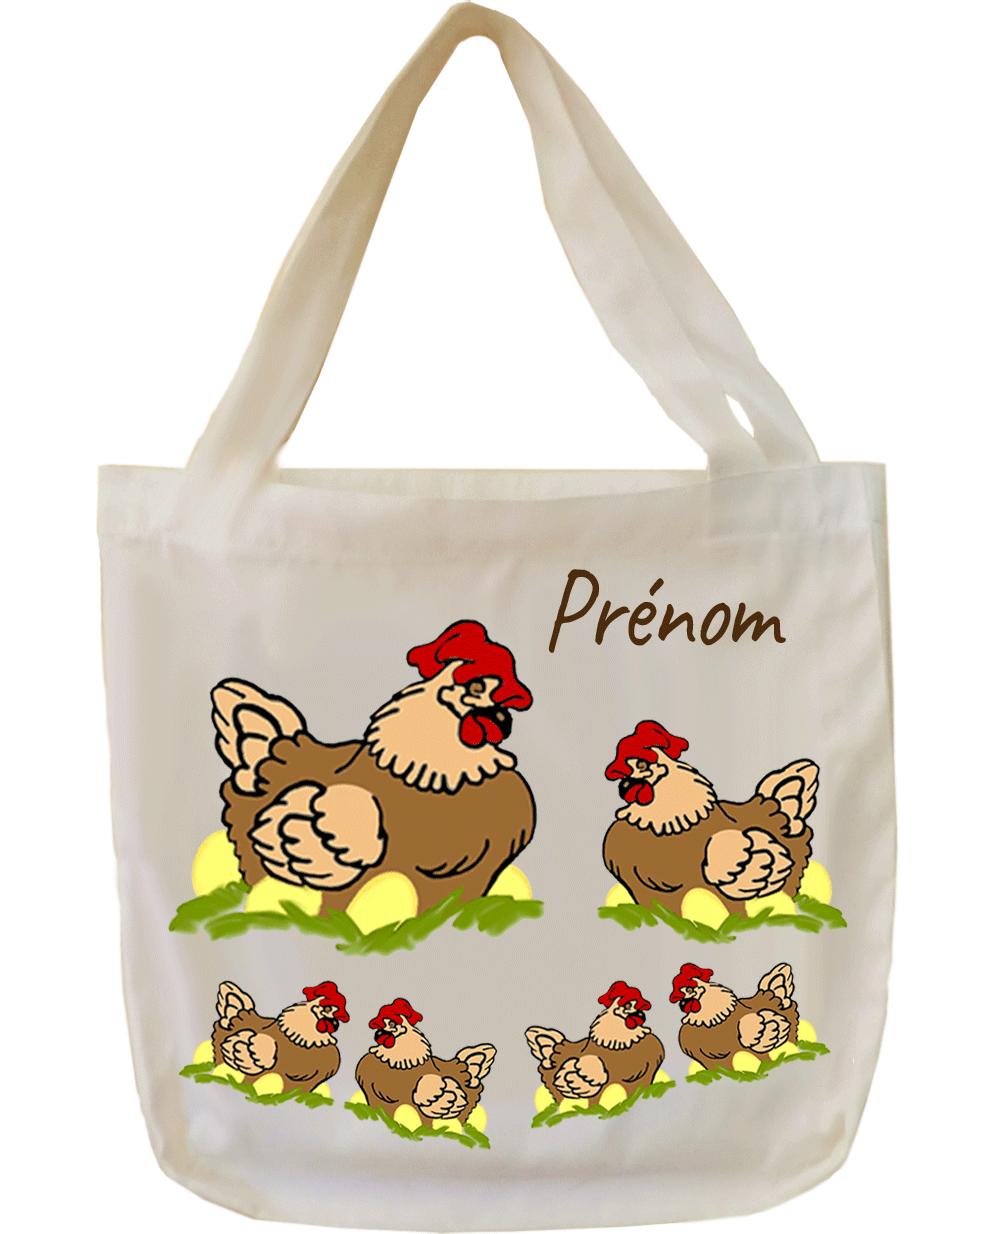 tote-bag;sac;cabas;texti;cadeaux;personnalisable;personnalisation;personnalise;prenom;animal;poule;oeufs